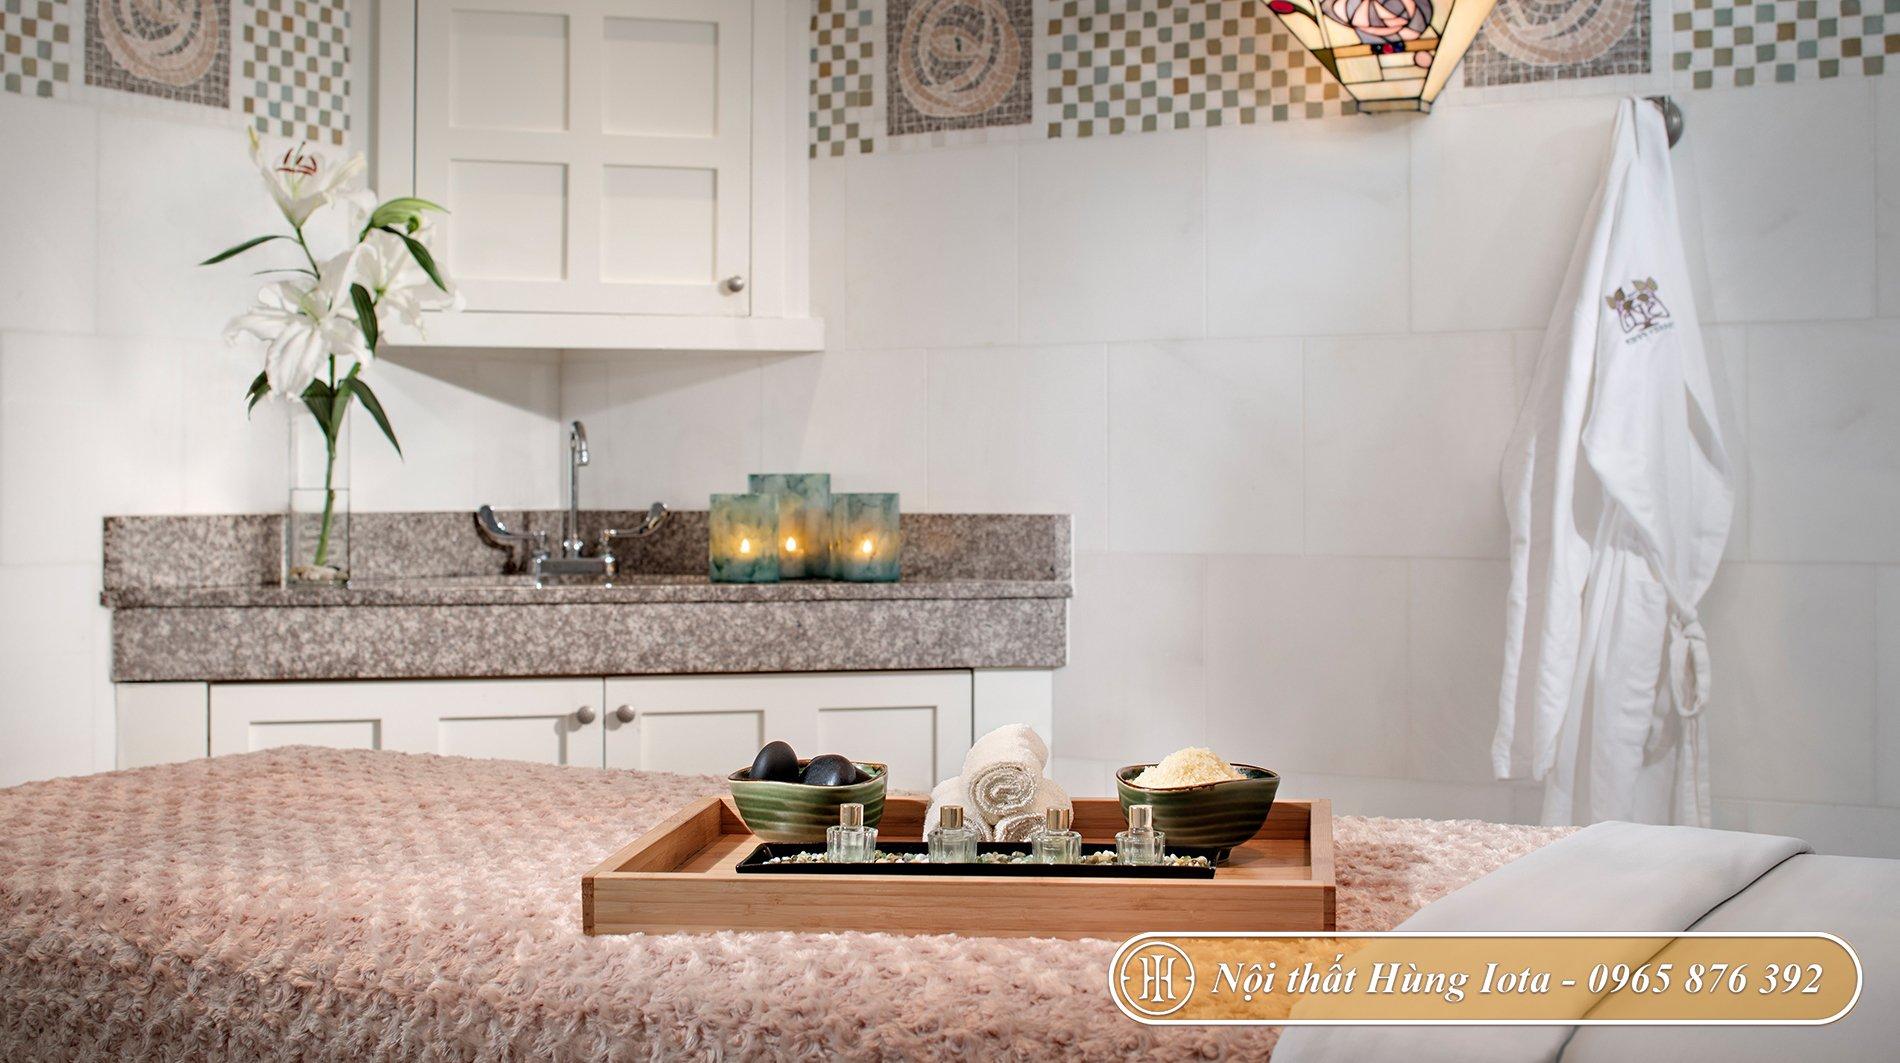 Thiết kế phòng massage spa tông màu trắng tinh tế